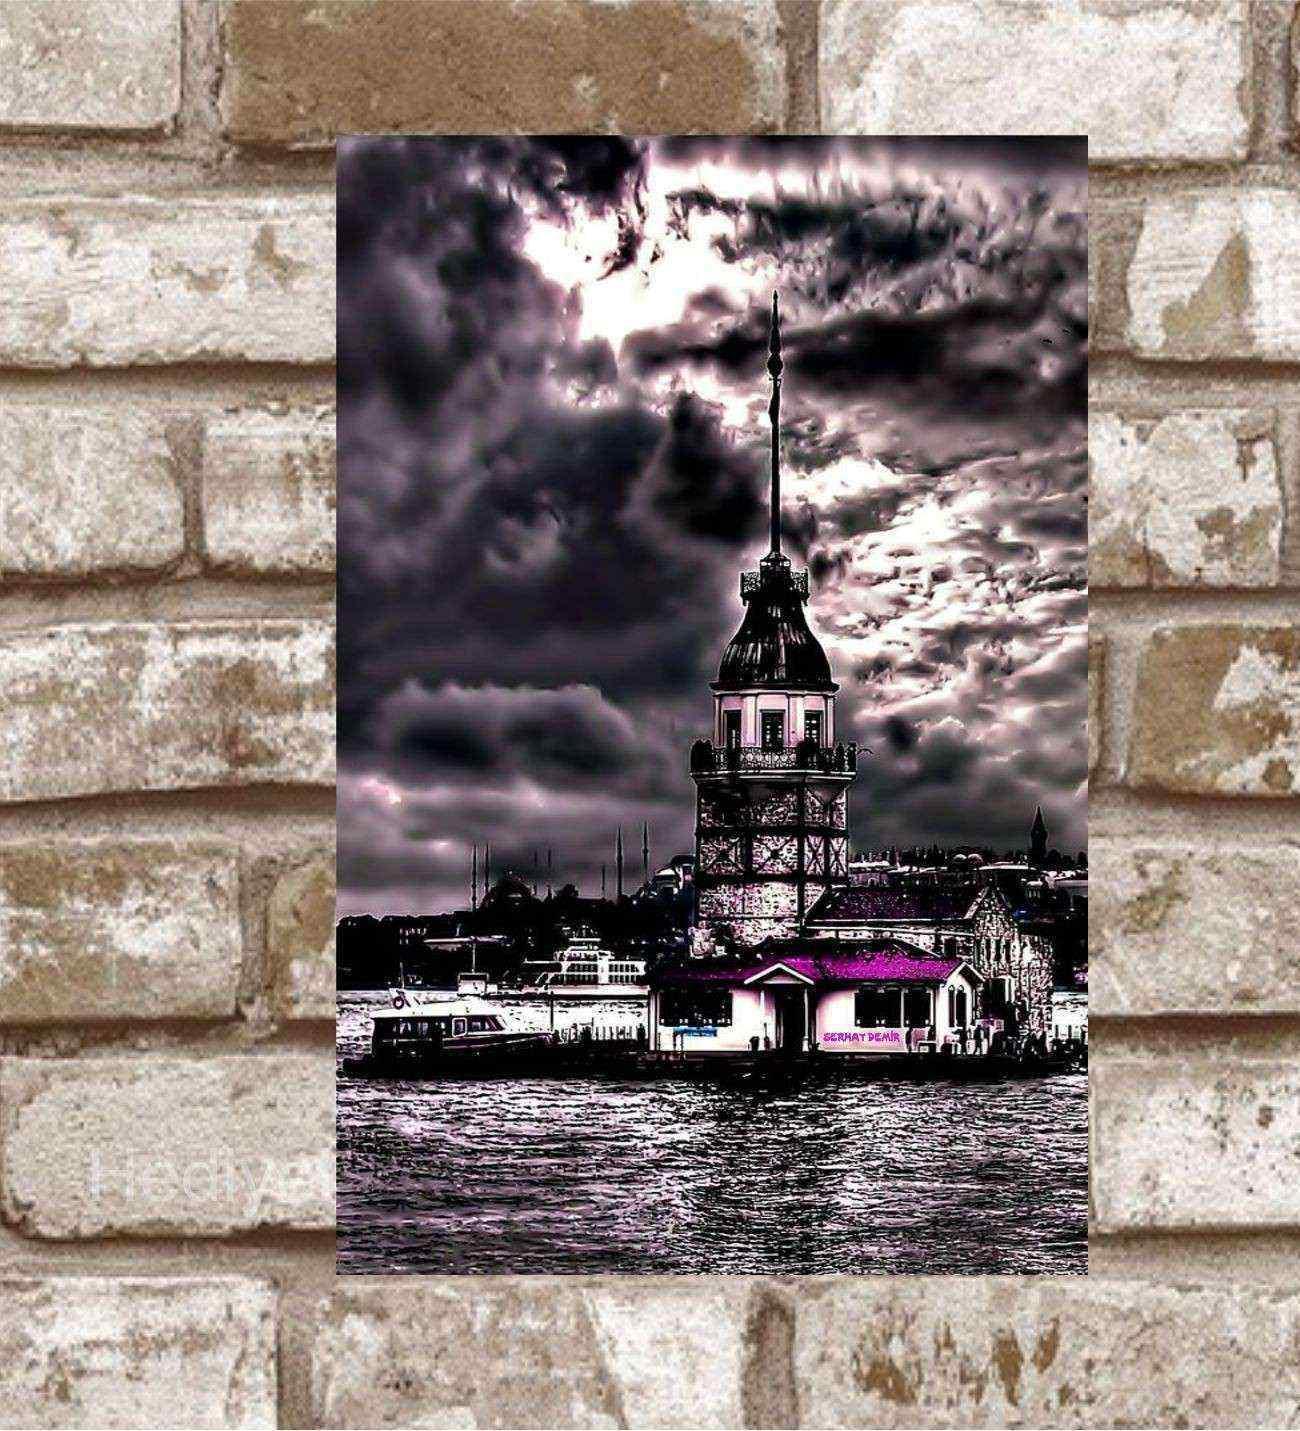 Kişiye Özel Metal Kız Kulesi Retro Poster (29x19)